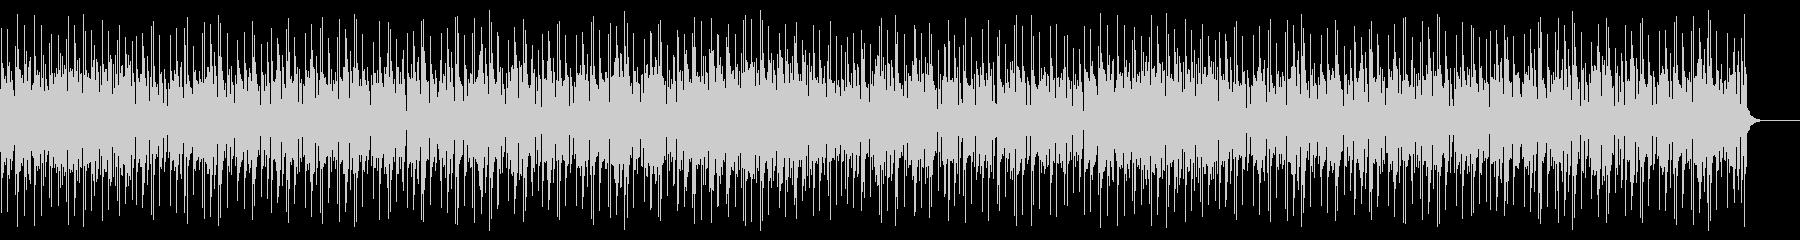 トロピカルでリゾートな南国曲の未再生の波形